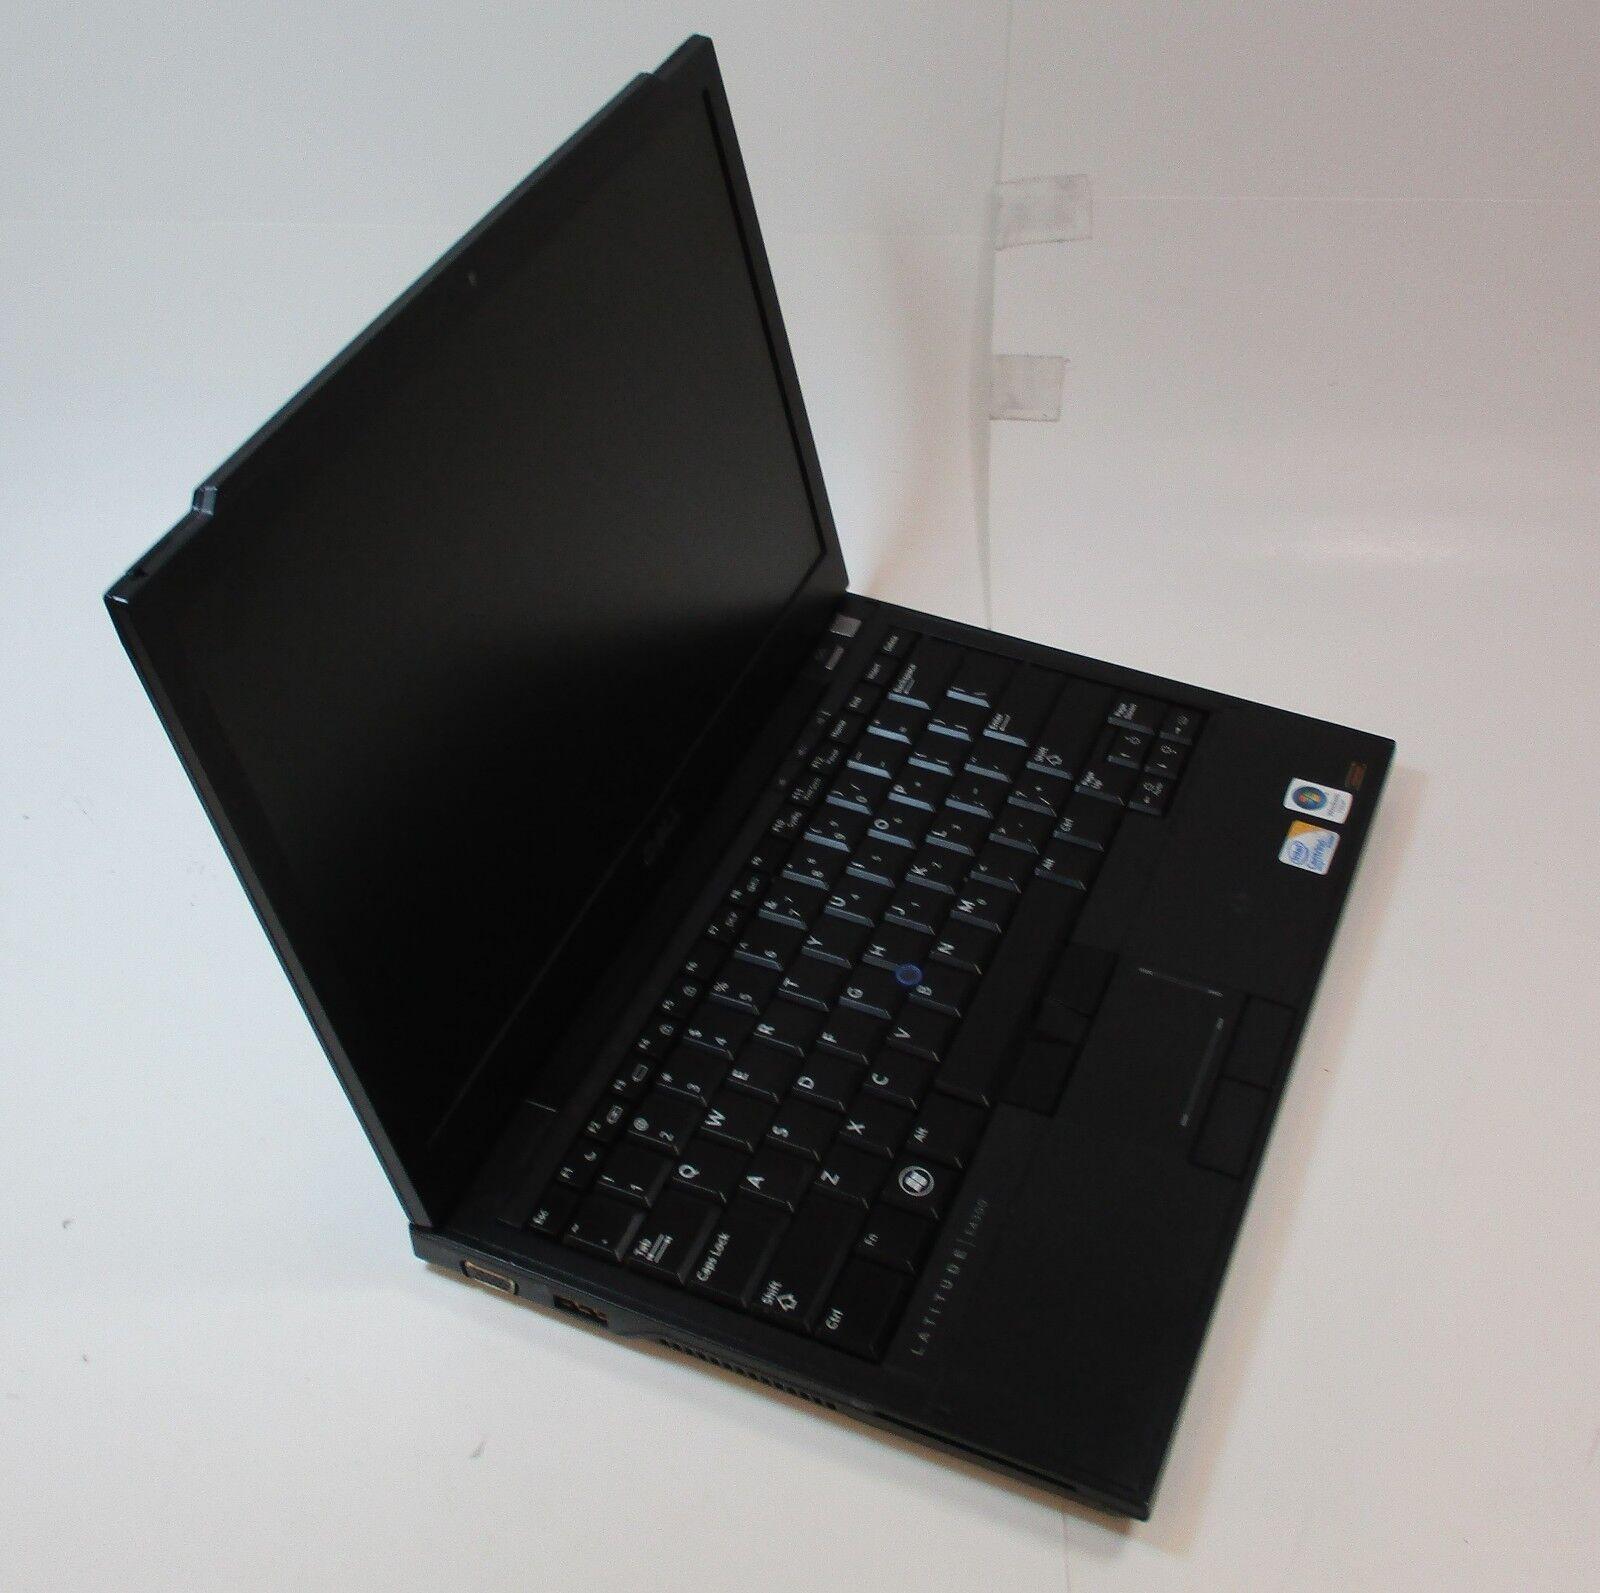 Dell Latitude E4300 / Core 2 Duo - P9400 @ 2.53GHz / 4 GB RAM / 250 GB HDD /NOOS